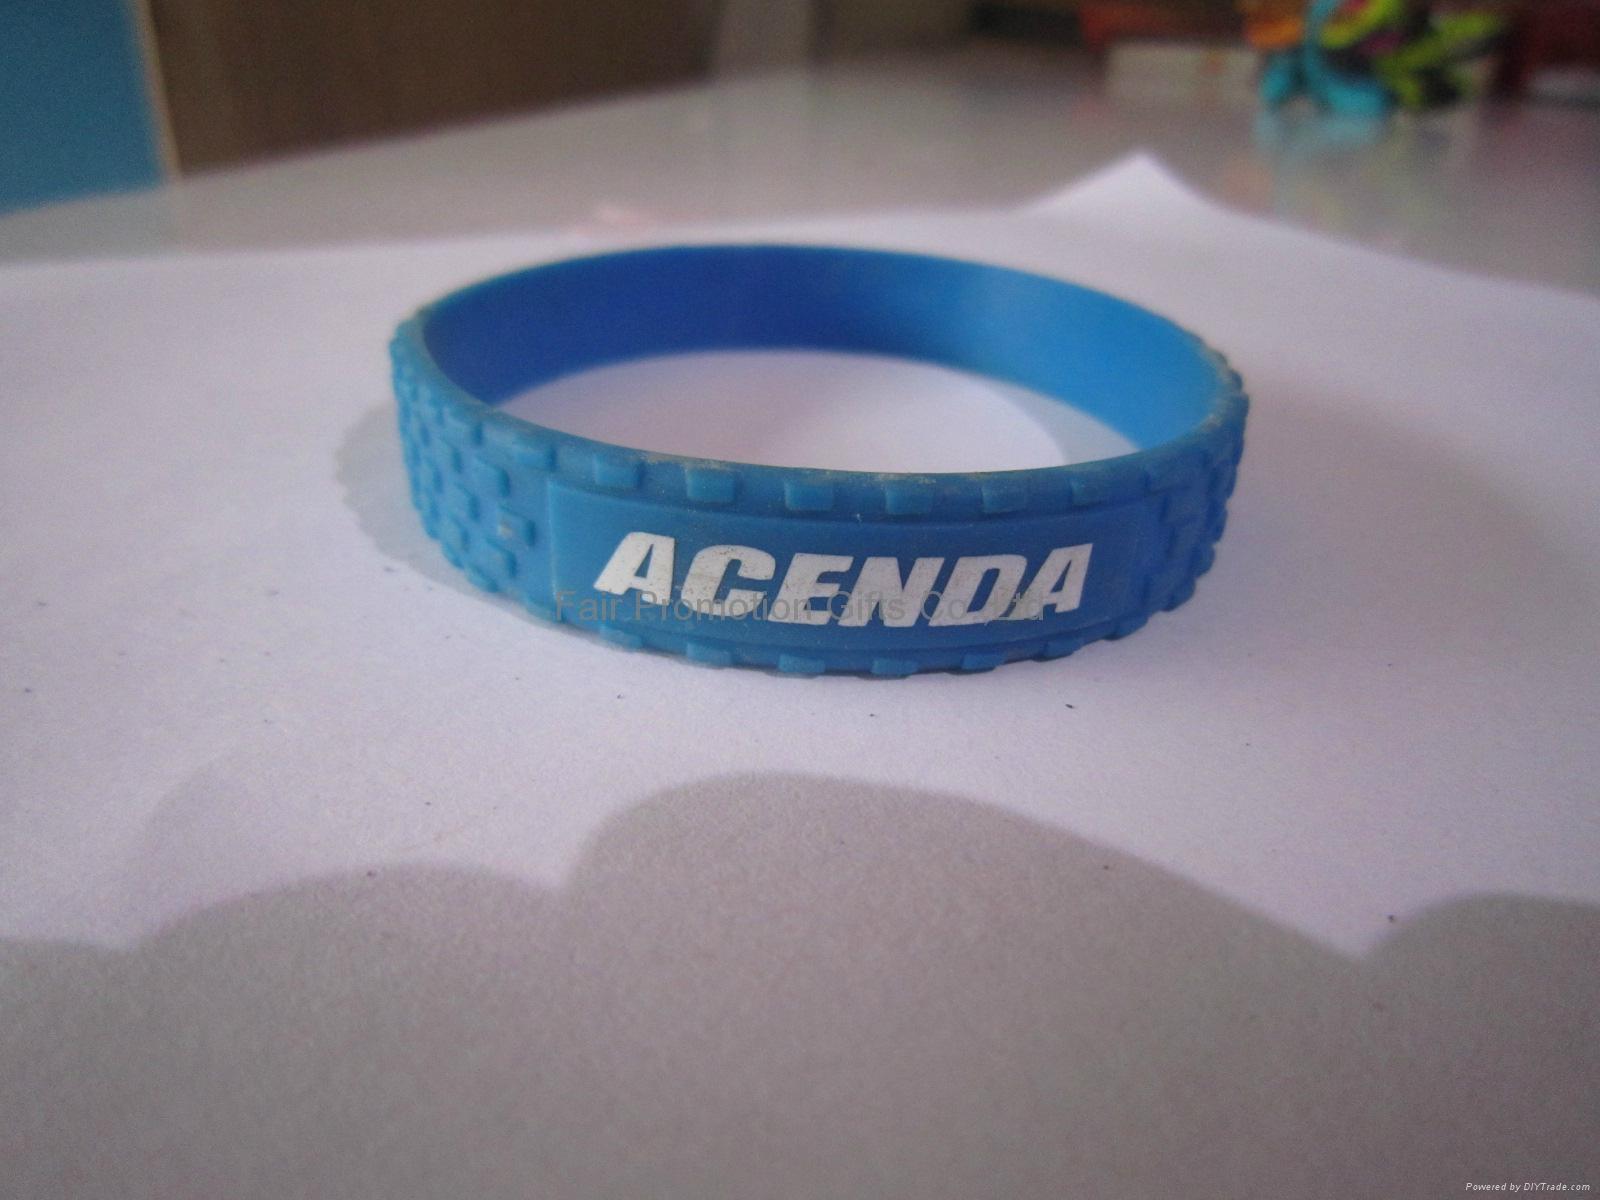 2015 Kenda Bicycle Road Tire Bracelet 4